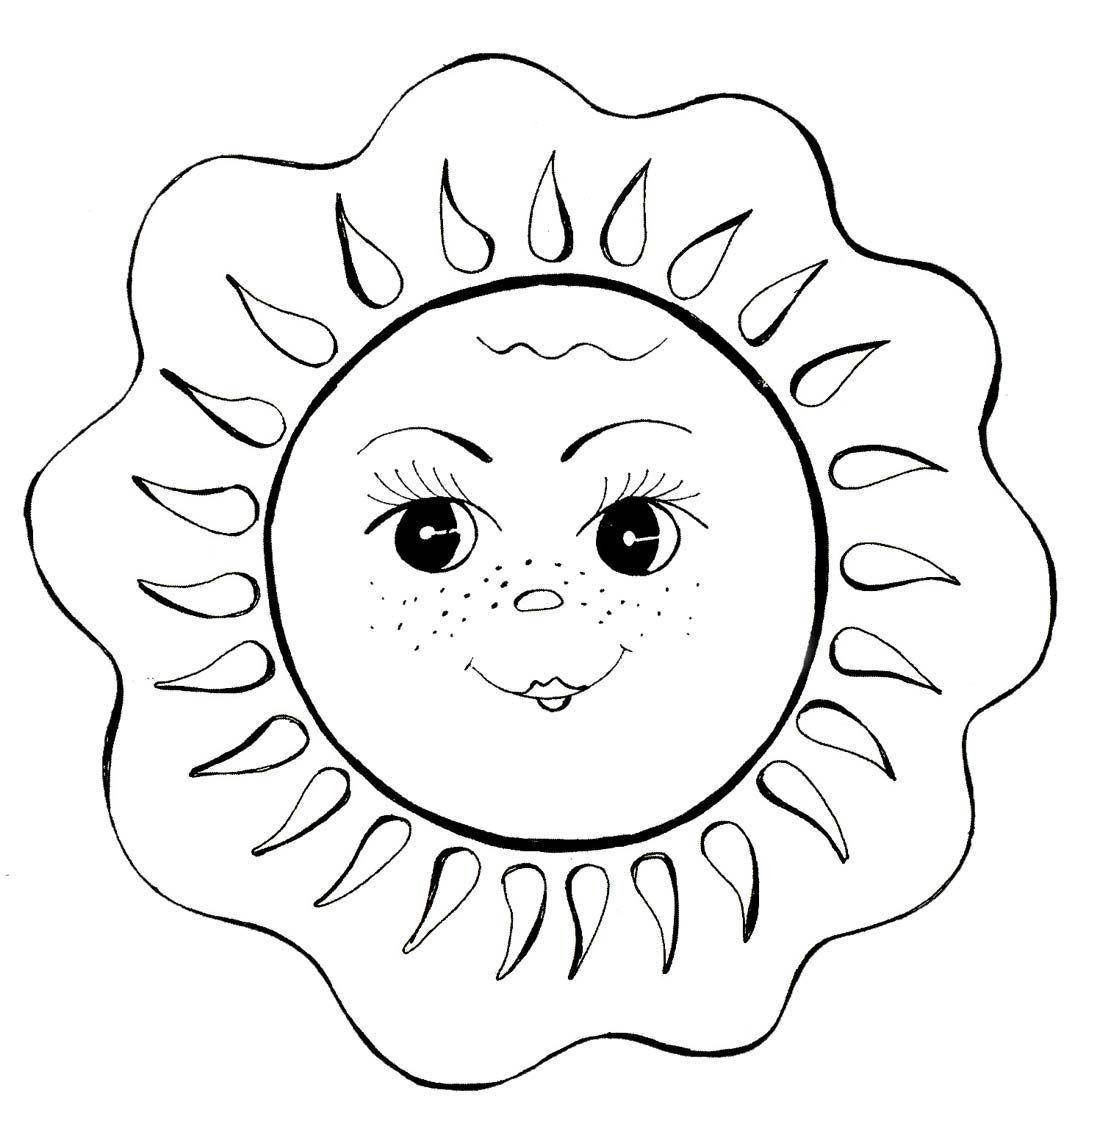 раскраска солнышко солнце раскраски обои и поделки